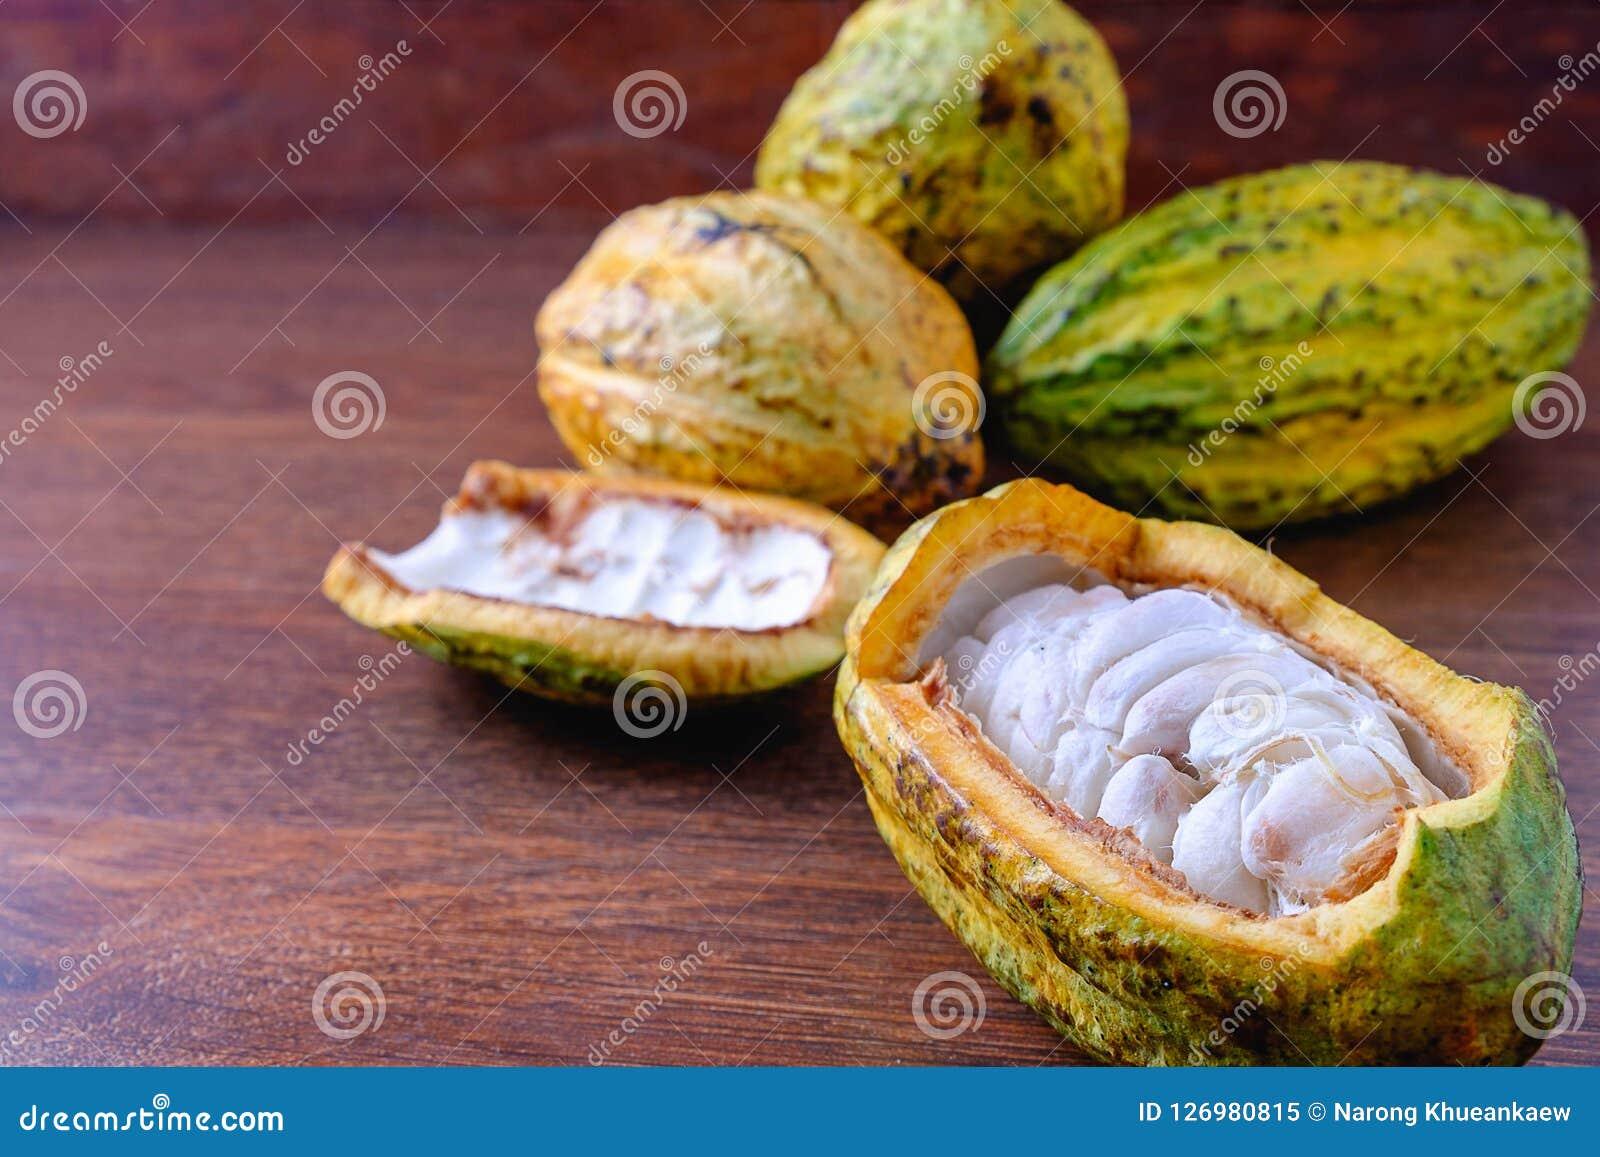 Ny kakao och kakaofröskida med rå kakao